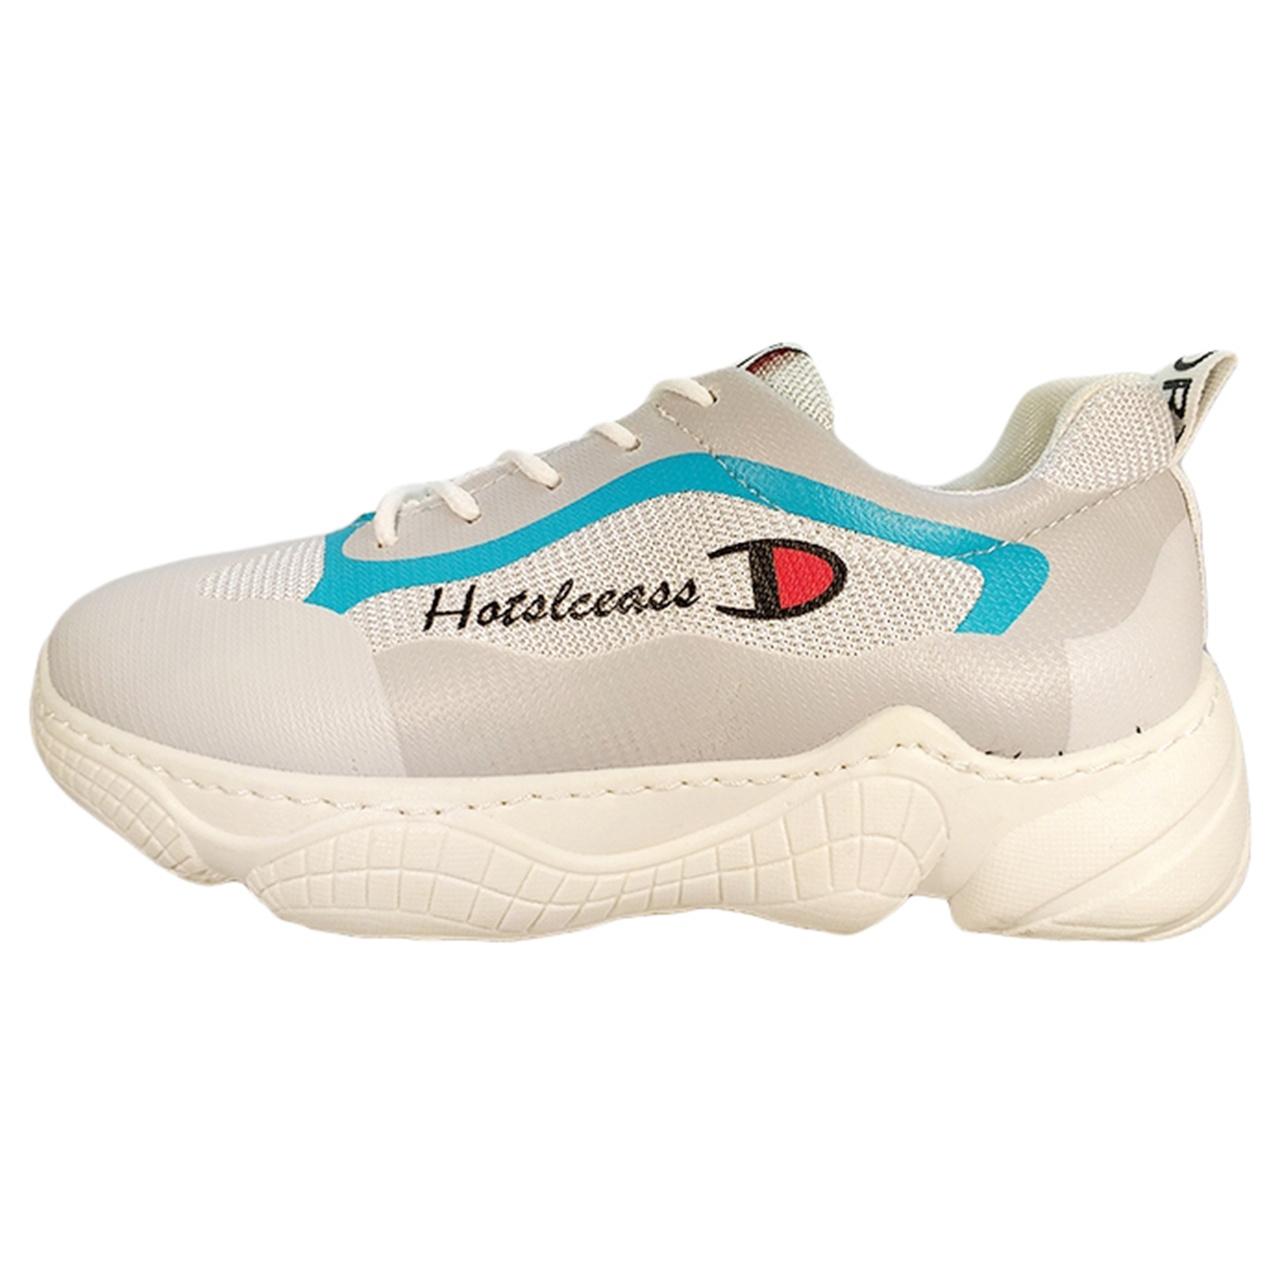 کفش مخصوص پیاده روی زنانه مدل HOTS_BLZS03